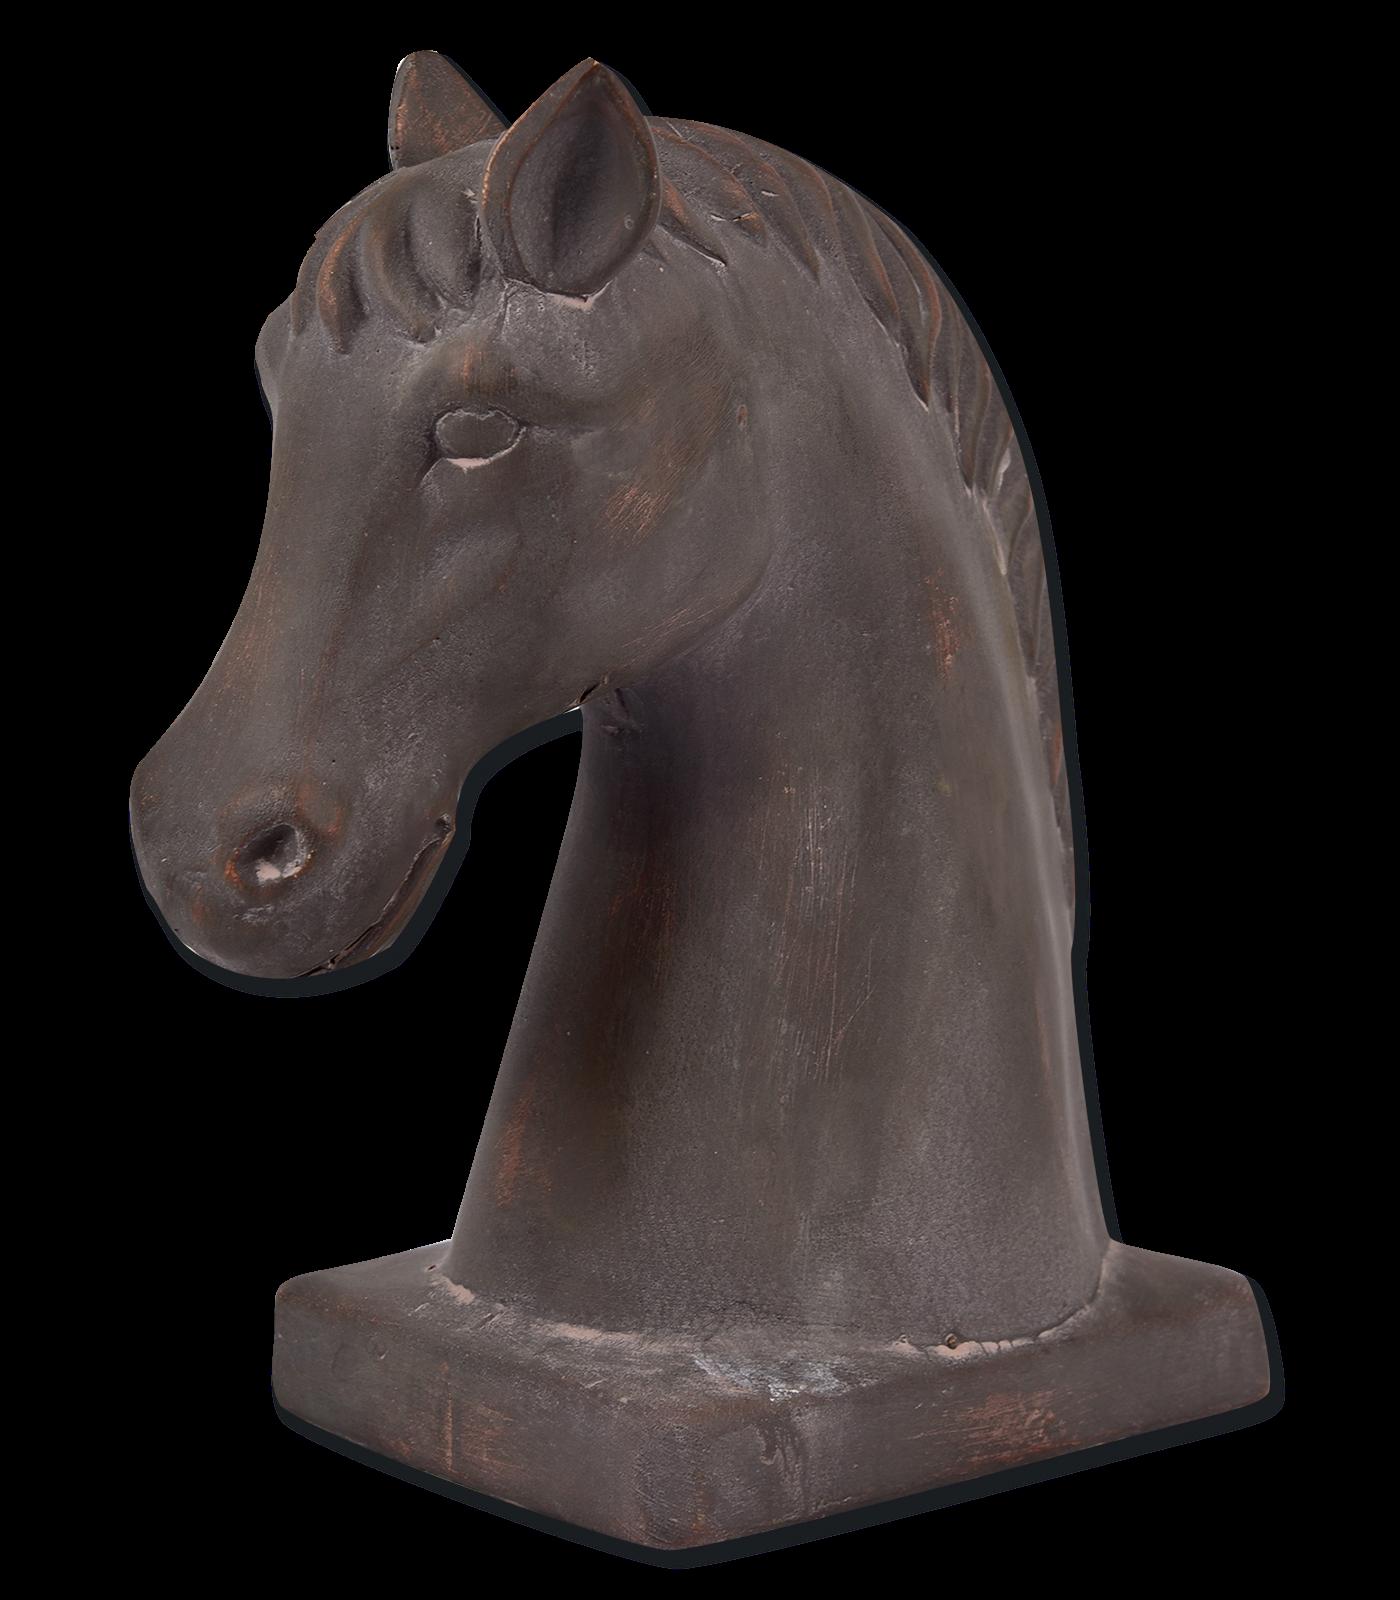 geschenkartikel lieblingspferd reitkleidung und reitzubeh r g nstig online shoppen. Black Bedroom Furniture Sets. Home Design Ideas